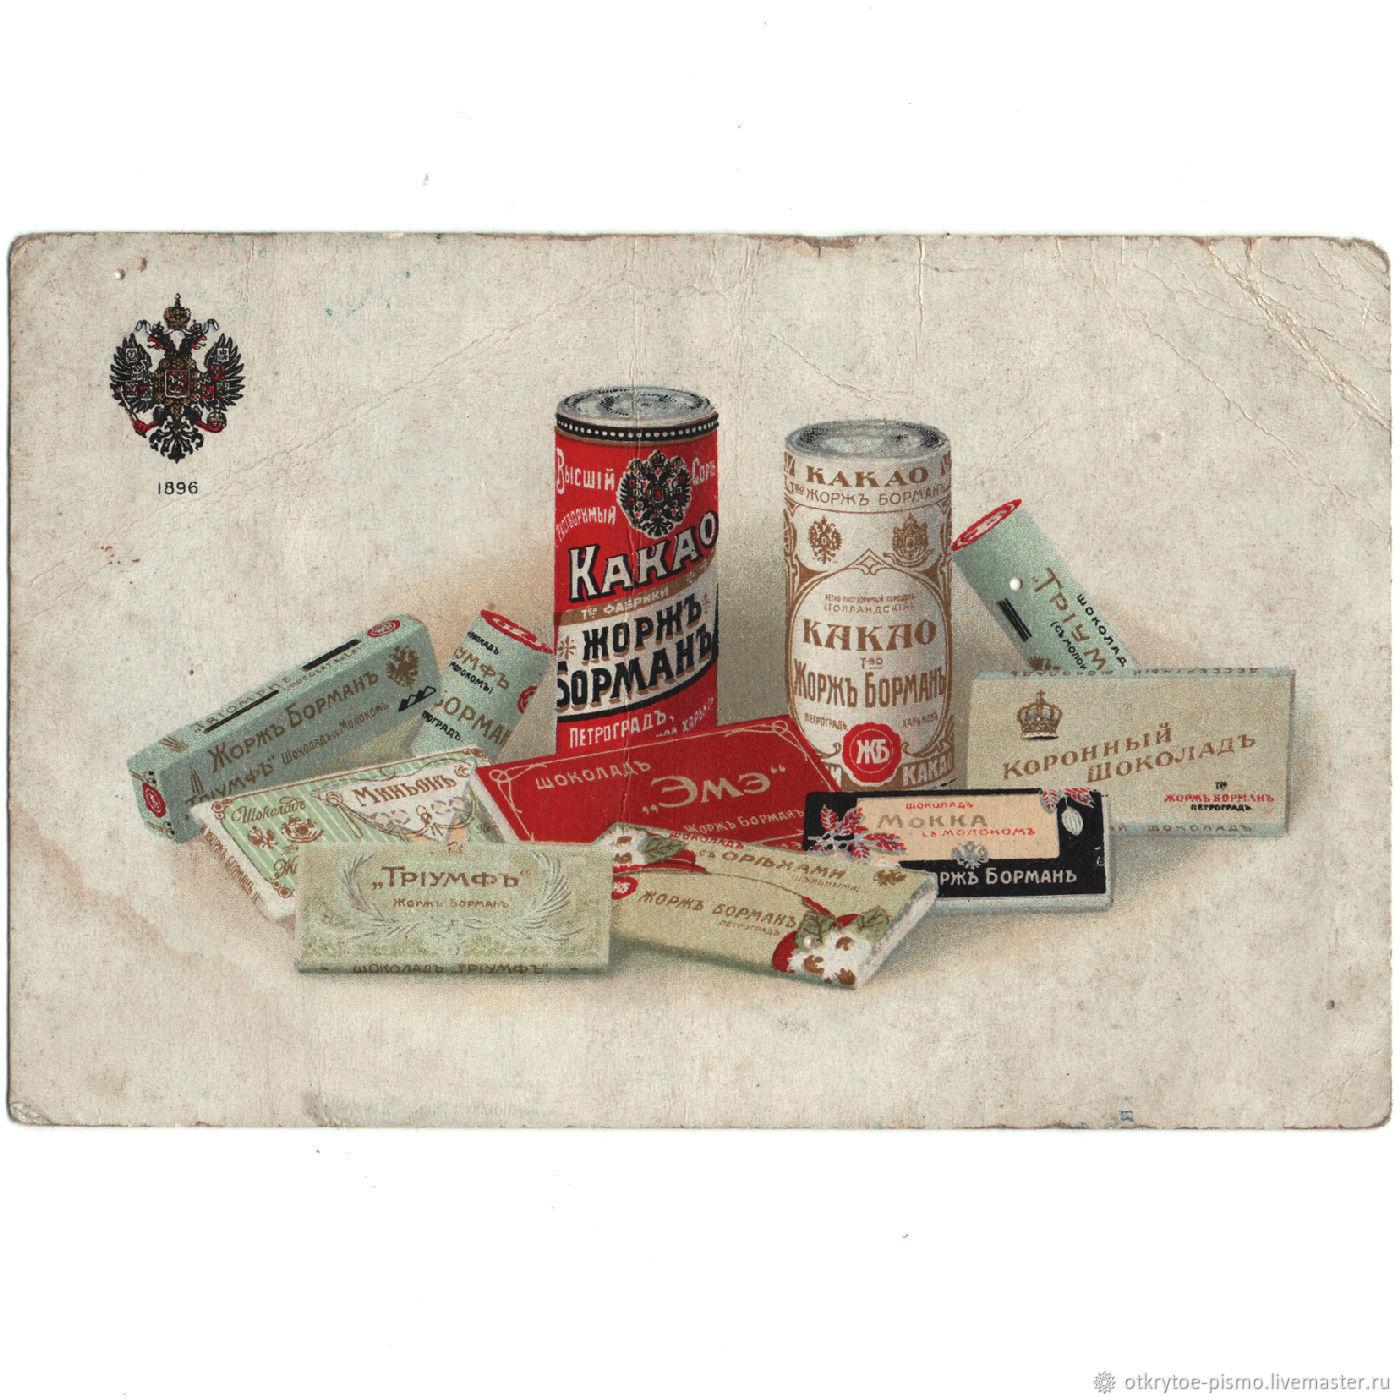 Винтаж: 19 век. Жорж Борман. Рекламная открытка. Антикварная открытка, Открытки винтажные, Щелково,  Фото №1